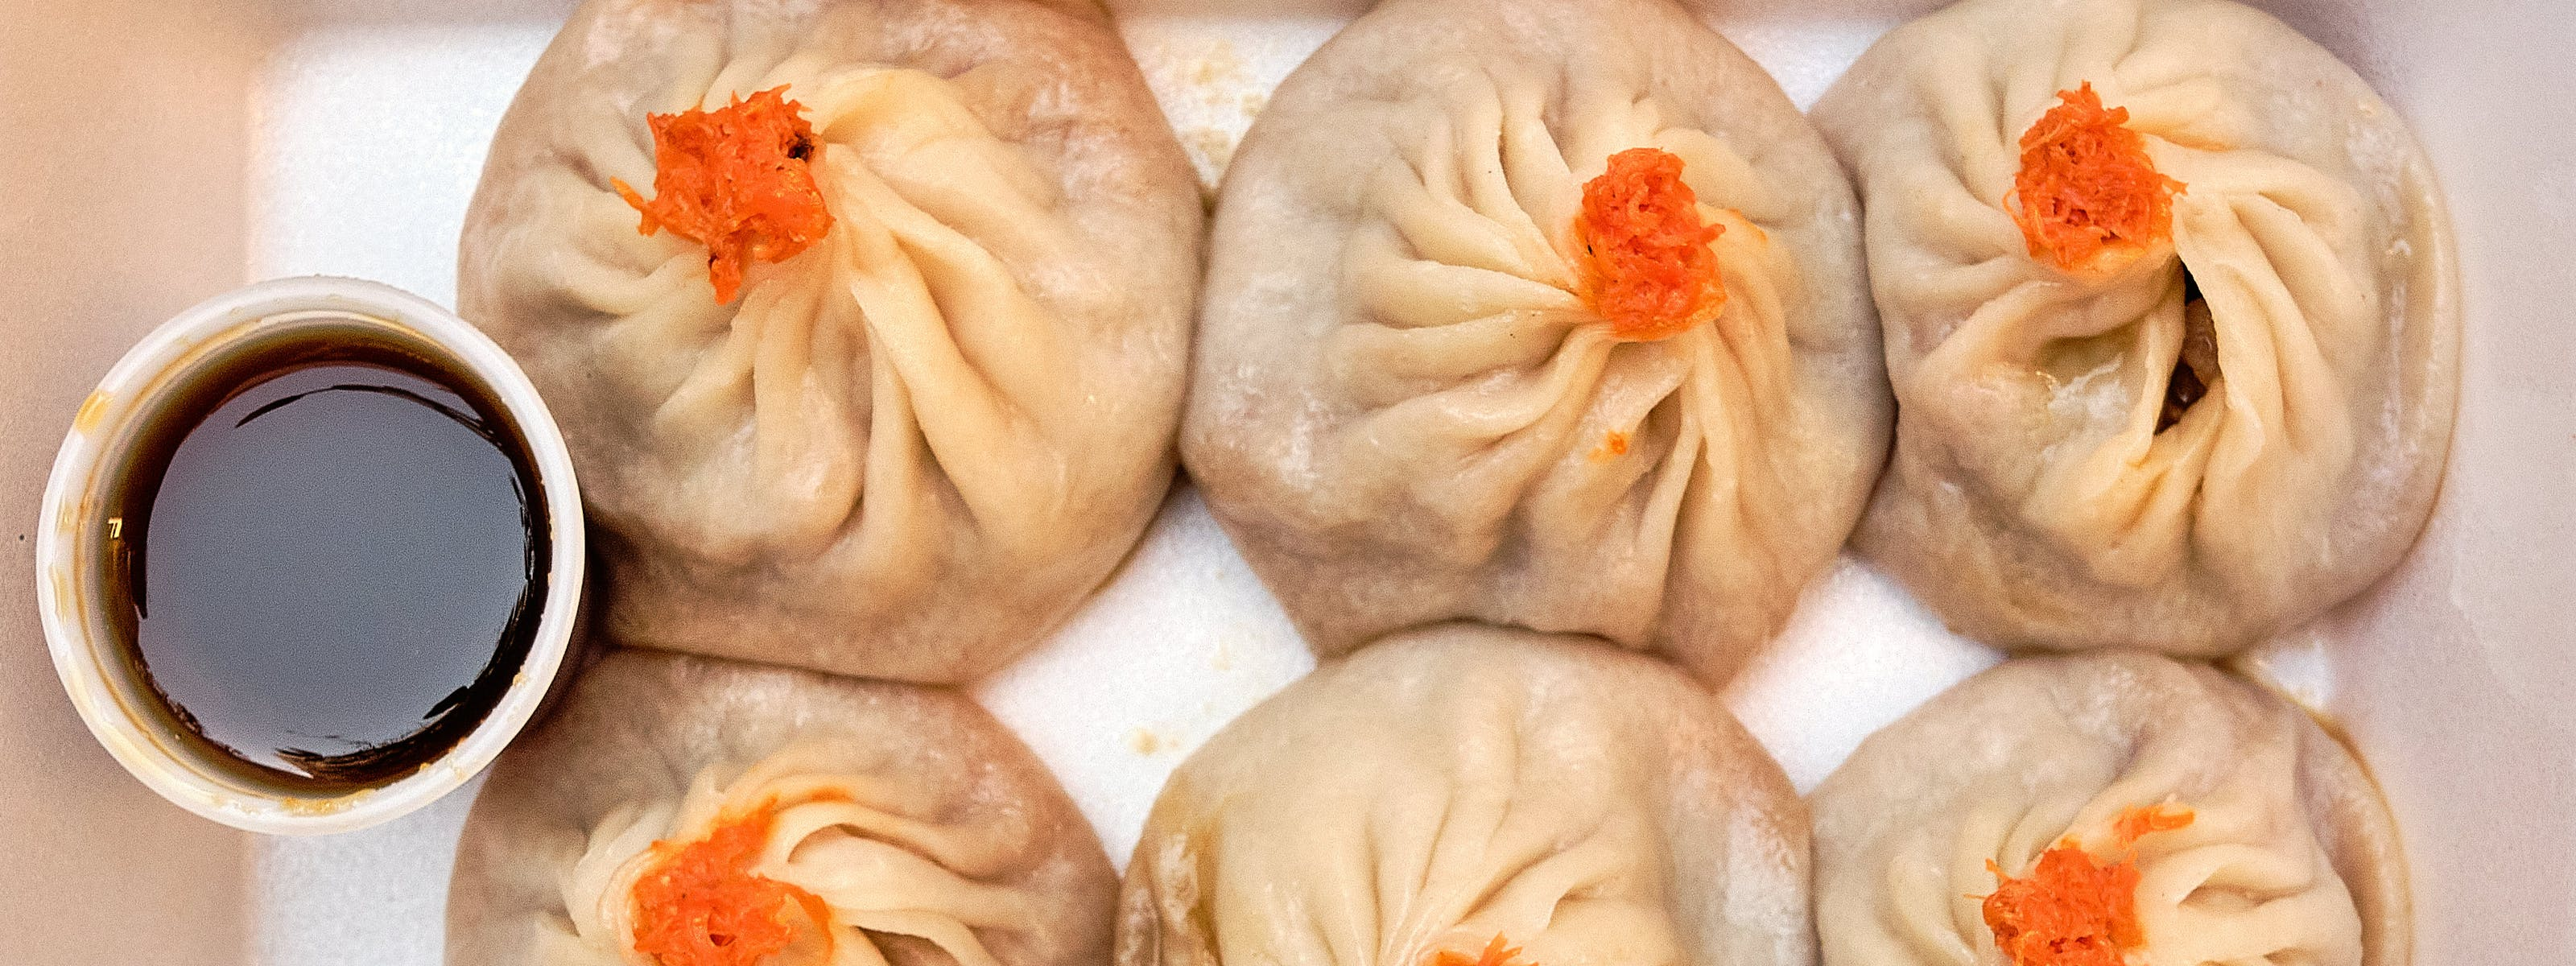 The Best Dumplings In Philadelphia - Philadelphia - The Infatuation